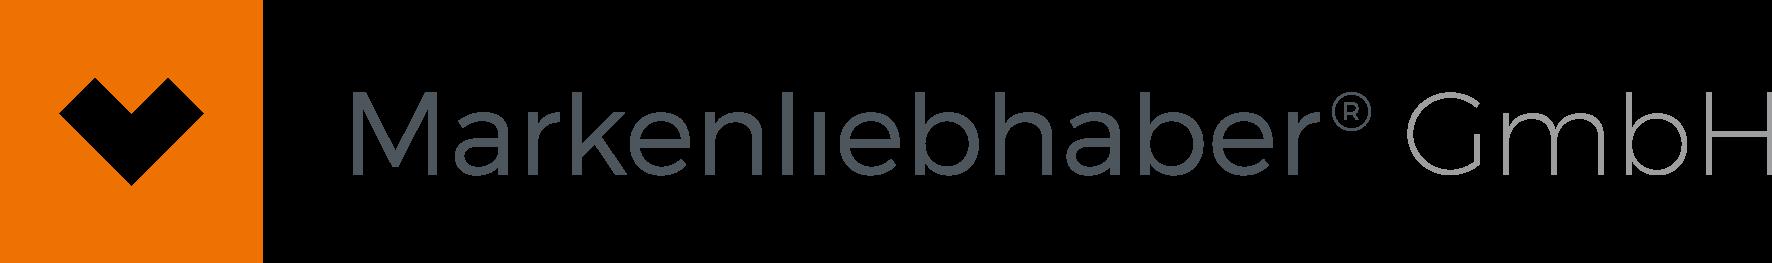 Markenliebhaber Logo